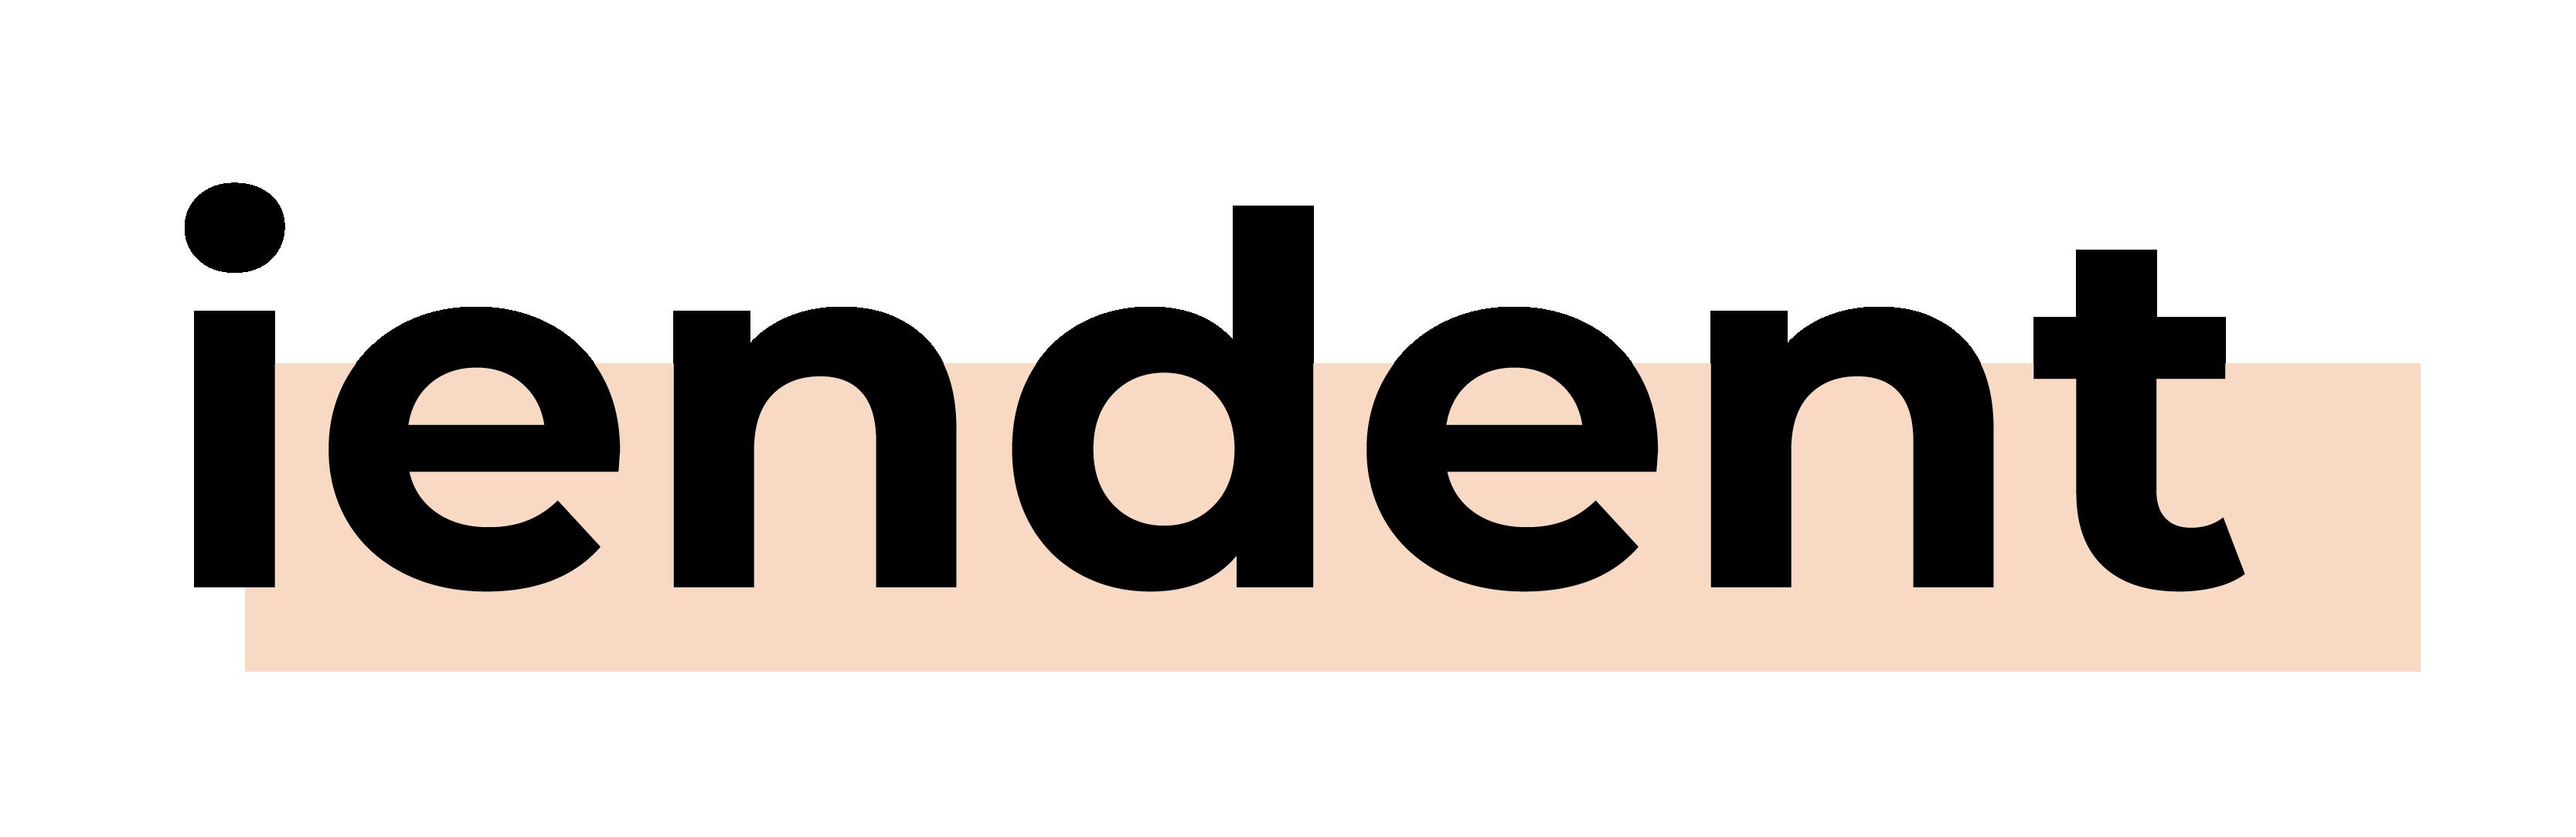 iendent logo